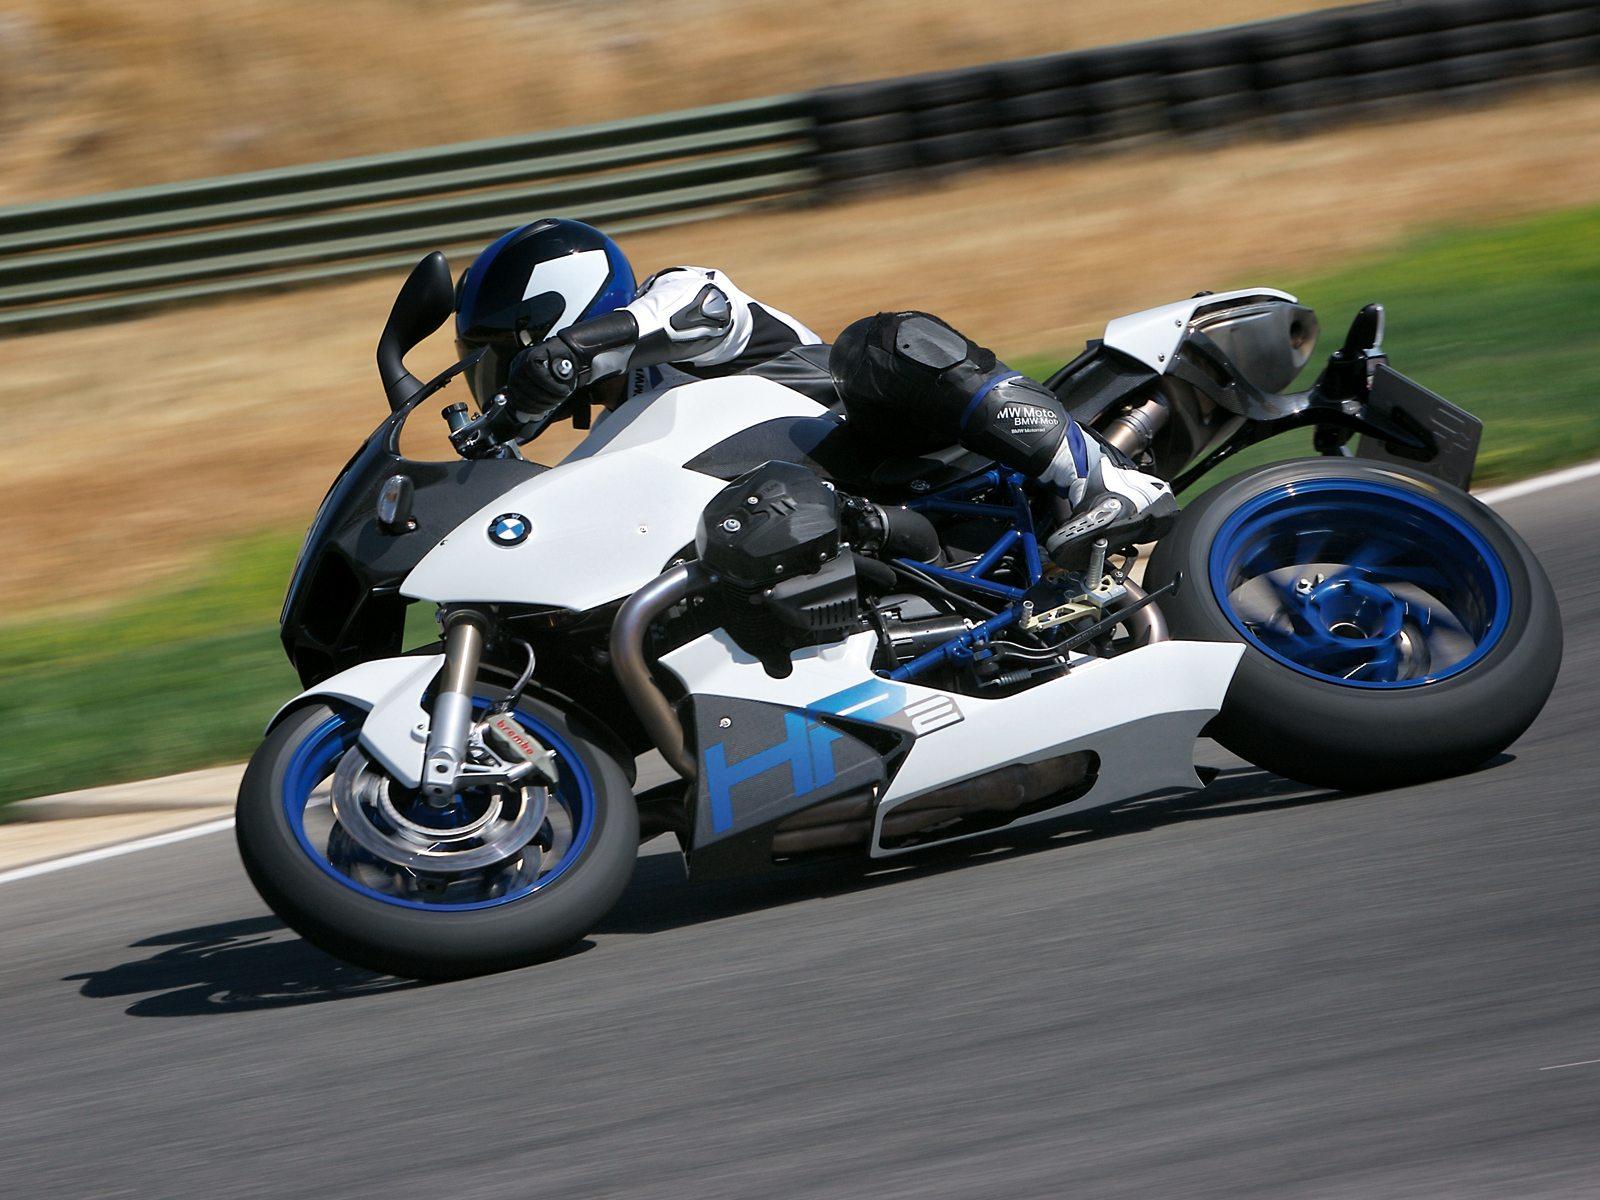 http://2.bp.blogspot.com/-o5nO_B1spGE/Tku5c76KFaI/AAAAAAAACoA/1p-k4uZJCz4/s1600/gambar_motor_bmw_HP2_Sport_07.jpg